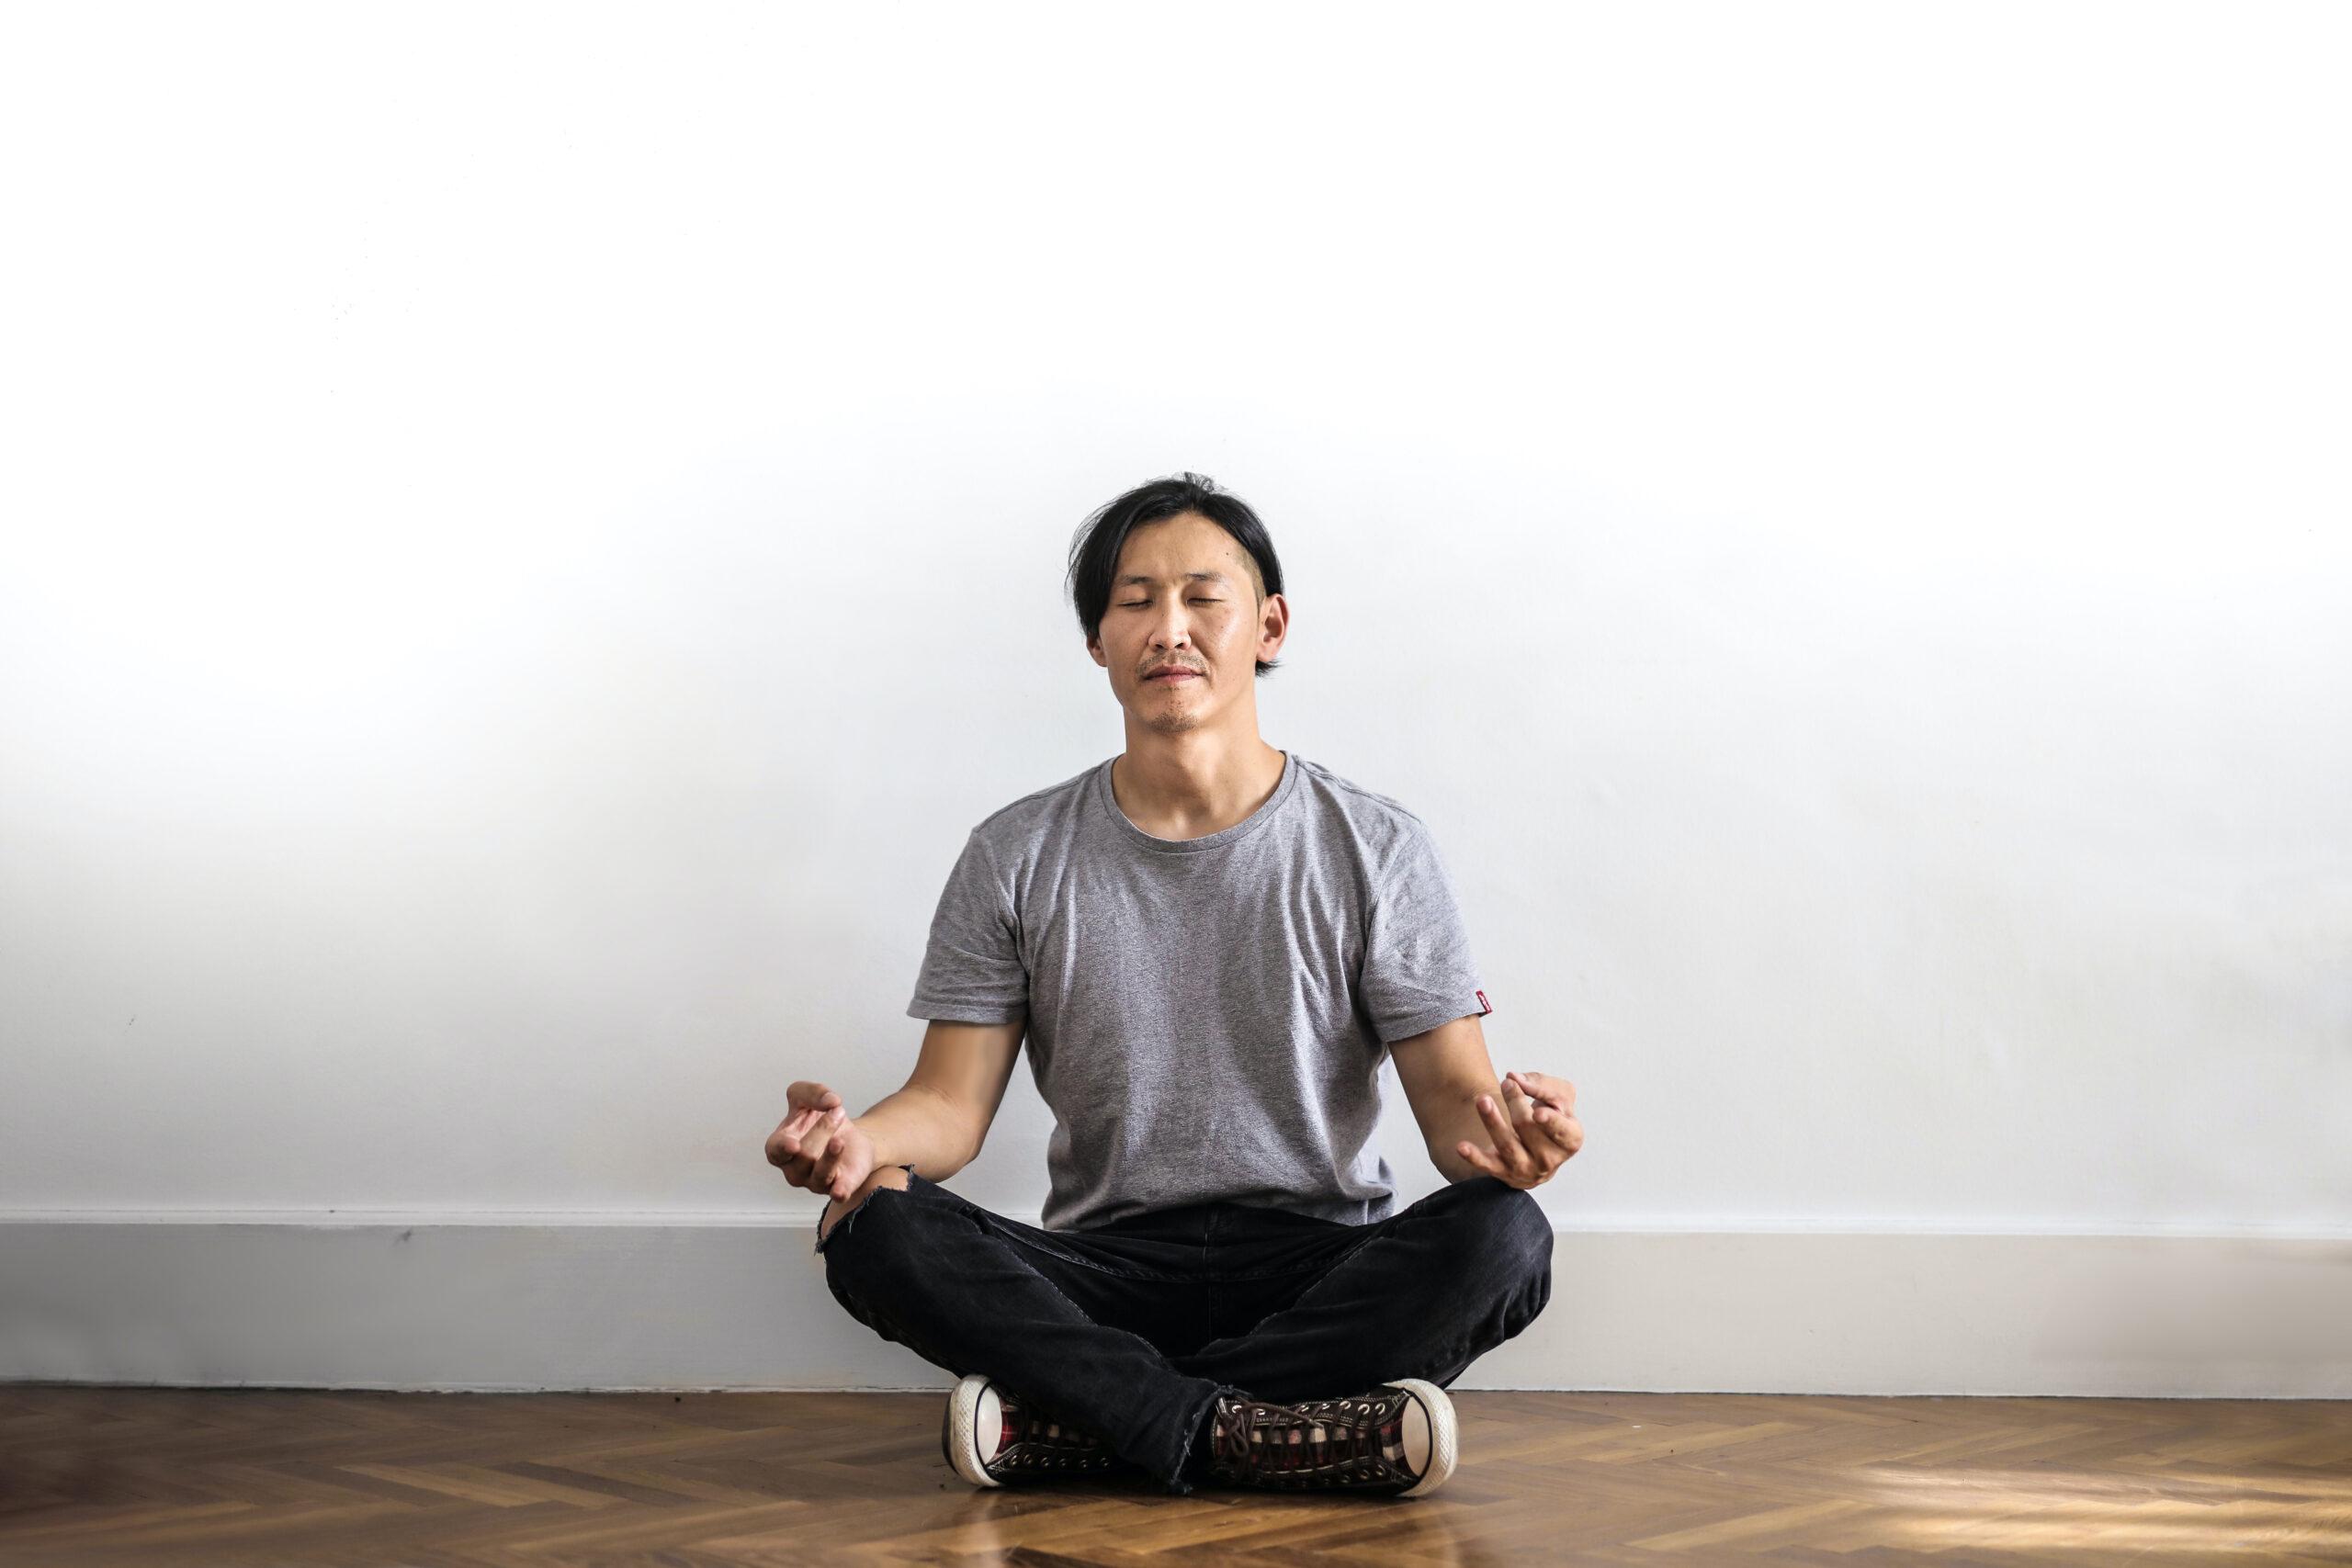 Mand, der mediterer på gulvet